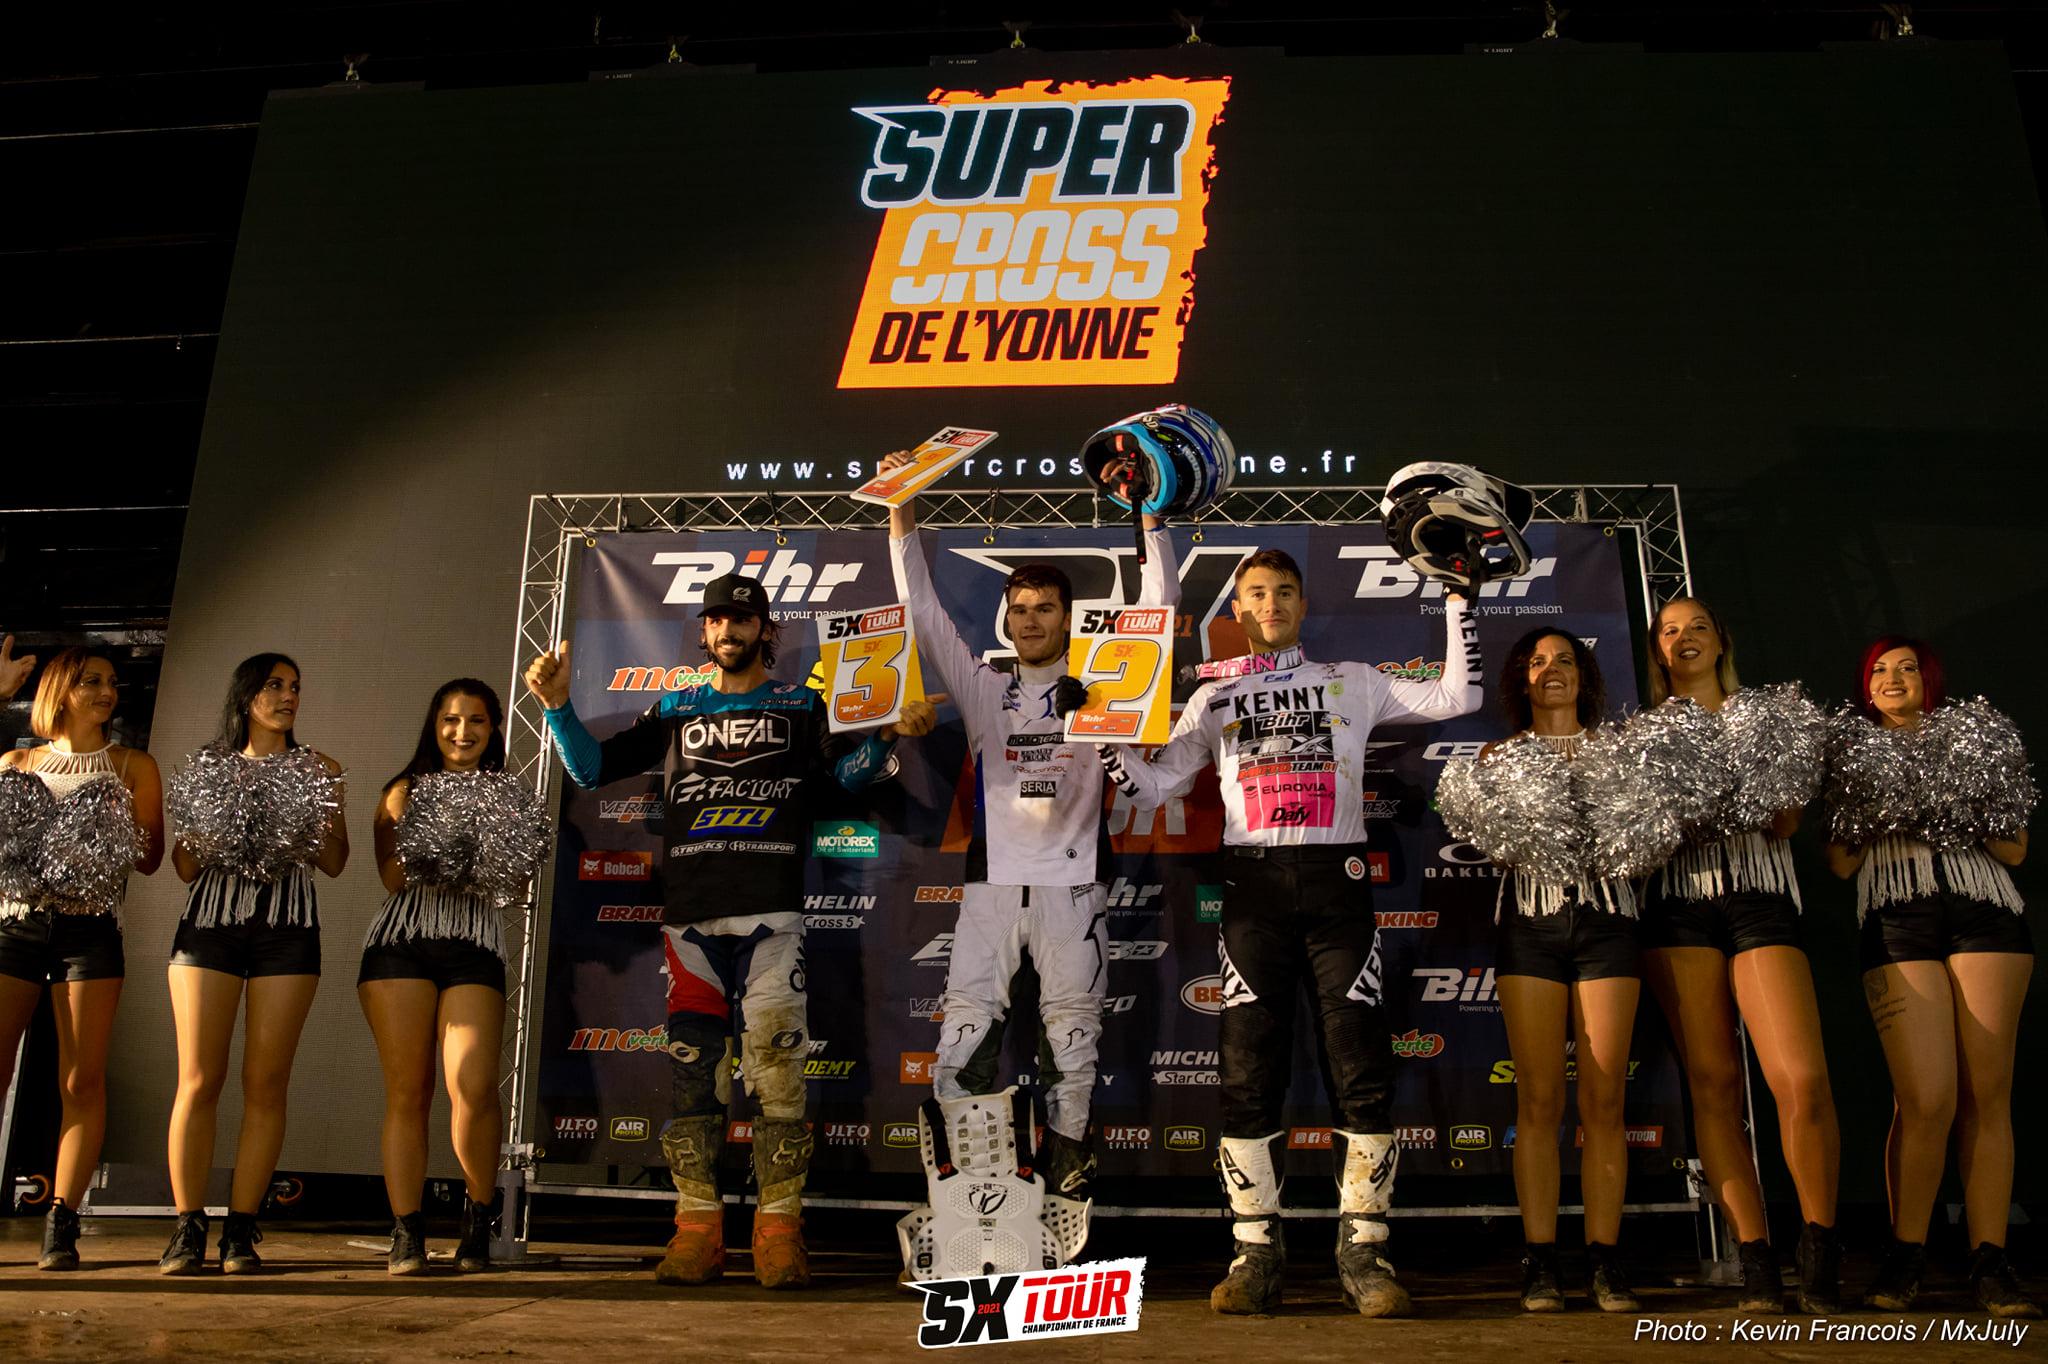 Supercross de l'Yonne 2021 -  SX2